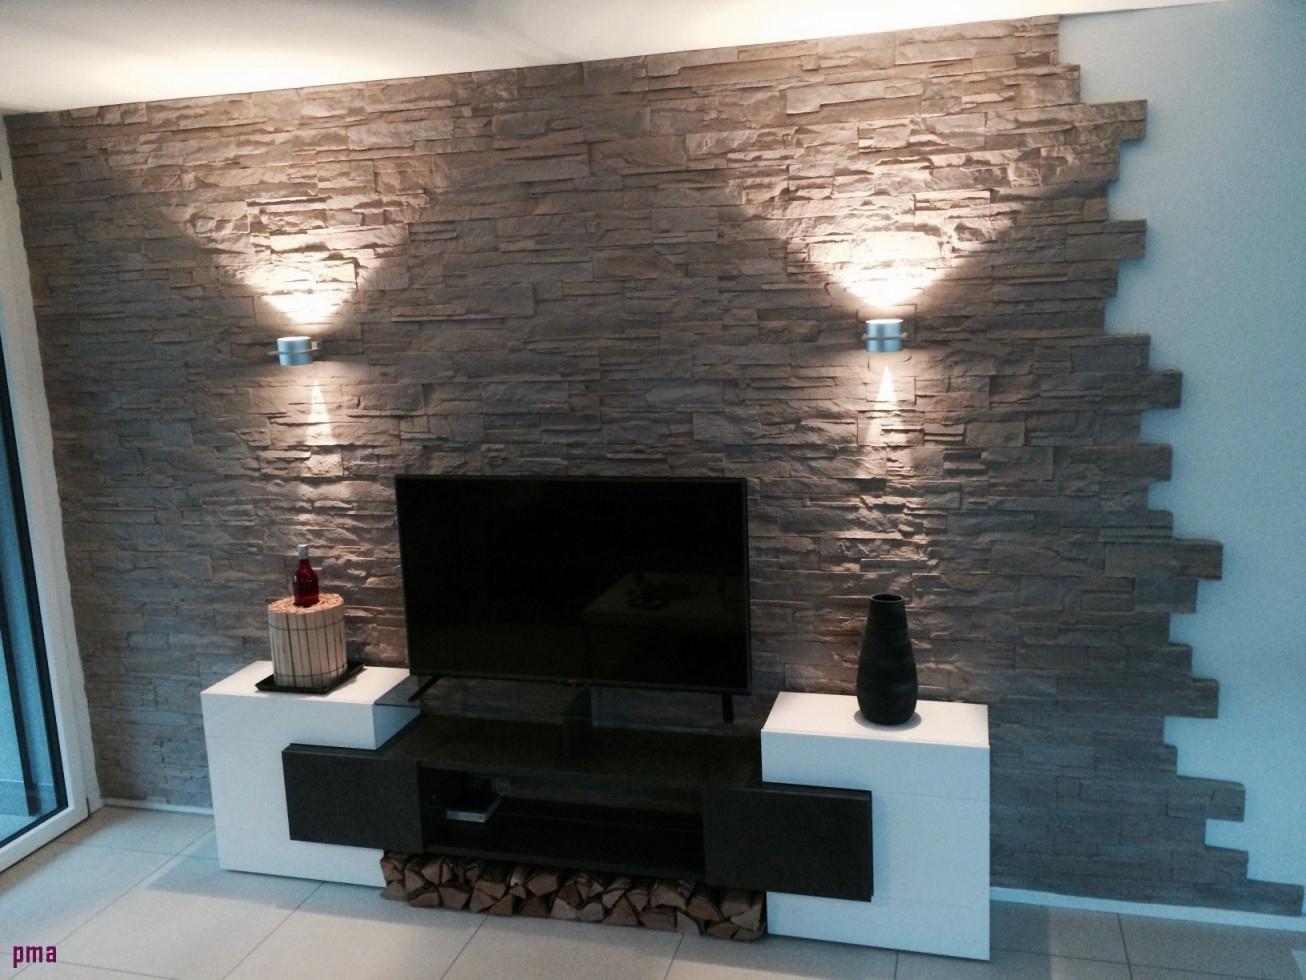 6 Luxus Wand Deko Stein  Steinwand Wohnzimmer Stilvolle von Deko Für Wand Wohnzimmer Bild